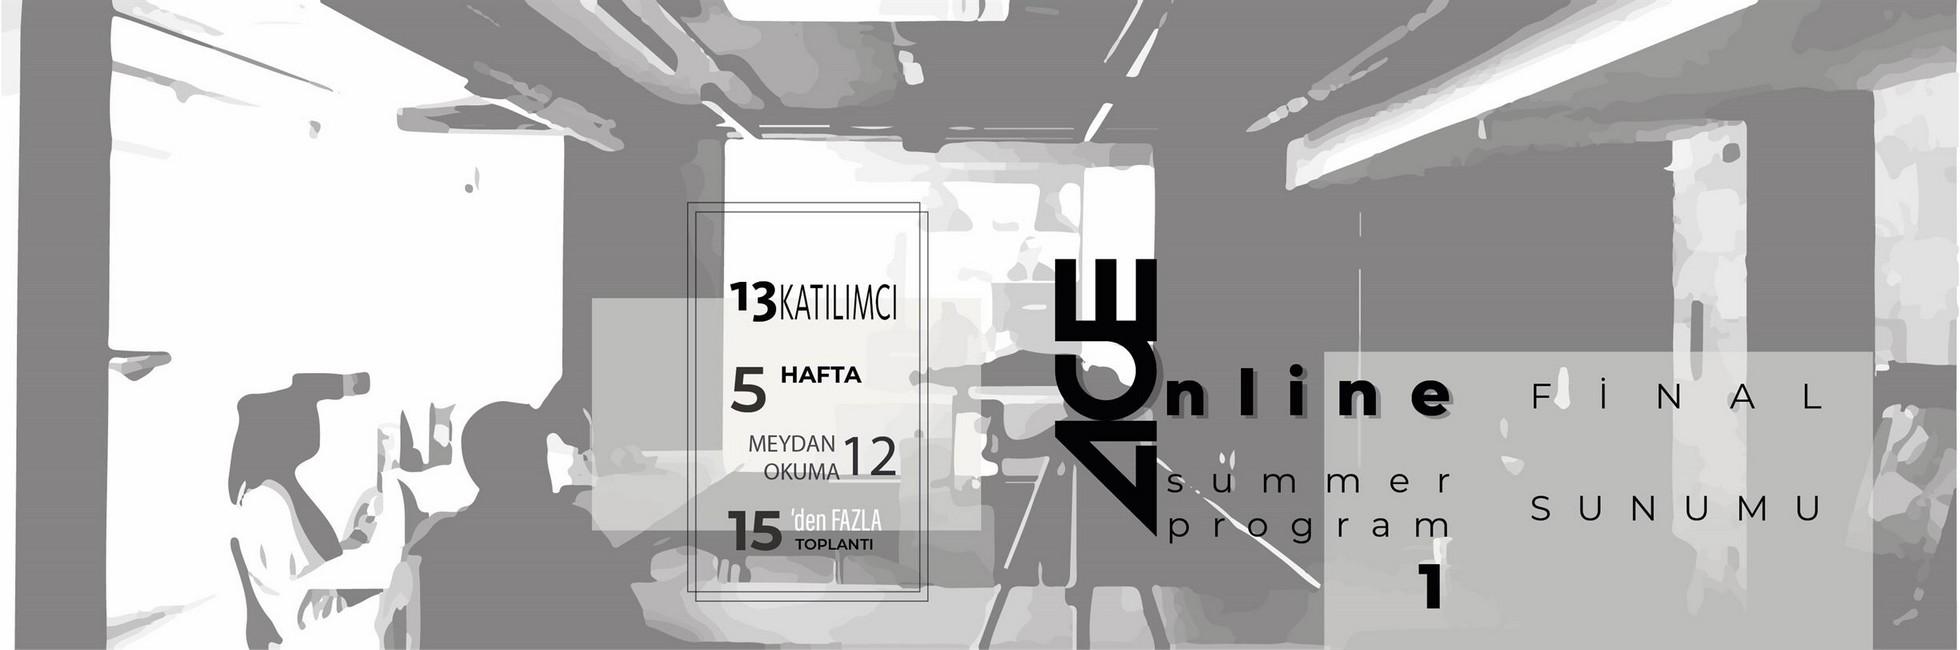 ACE Online 1.Grup Final Sunumu